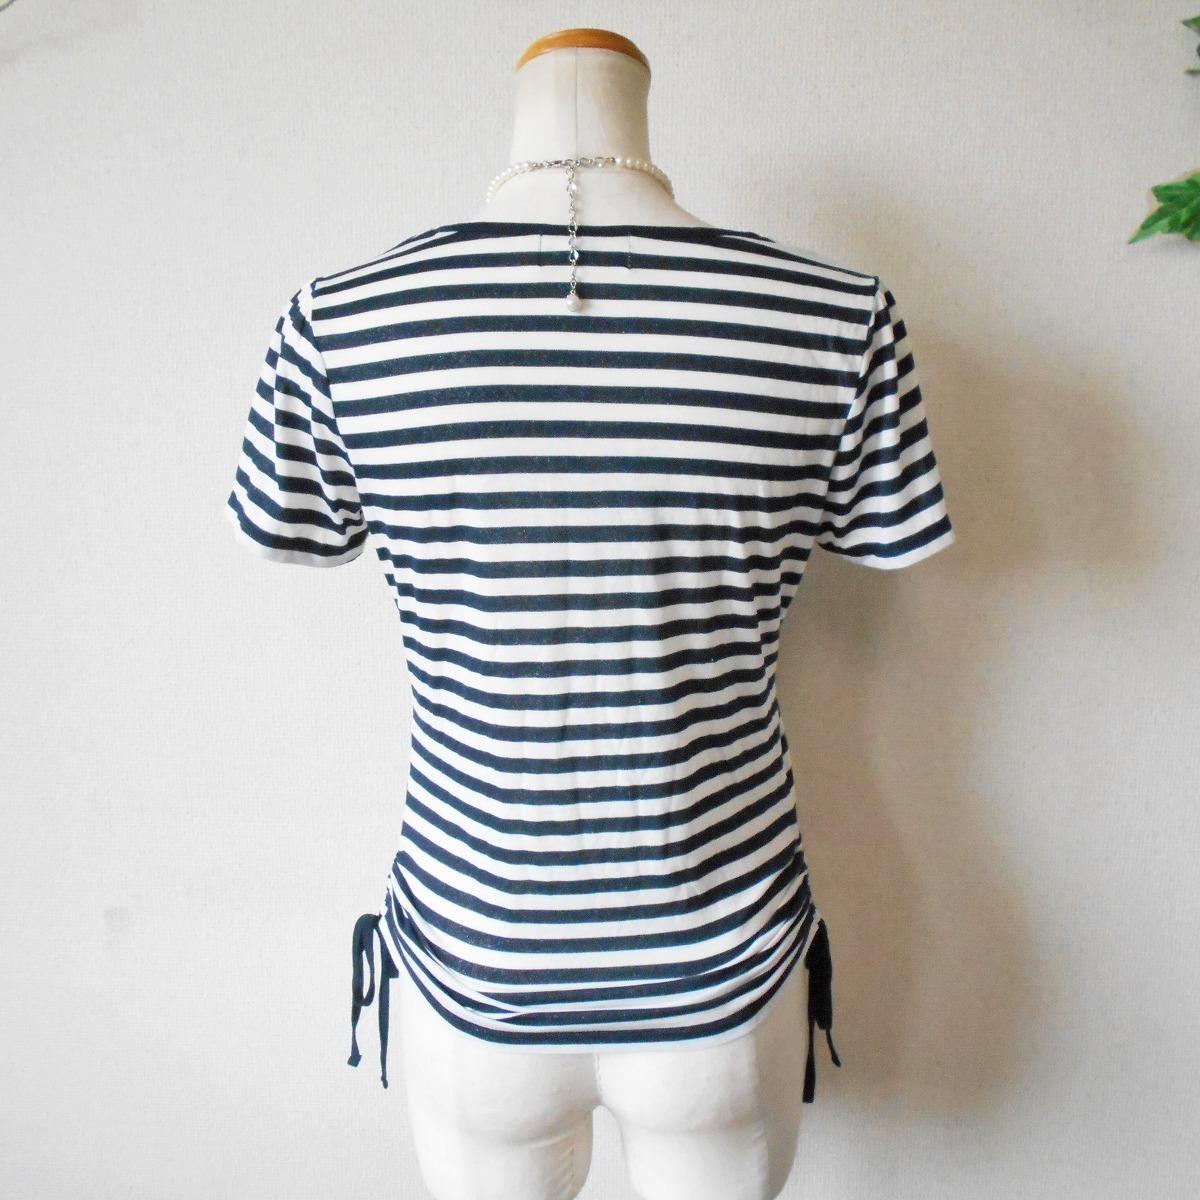 組曲 KUMIKYOKU オンワード 樫山 ラメ 入り ボーダー / 絞れる リボン 付き 半袖 カットソー Tシャツ 2_画像7